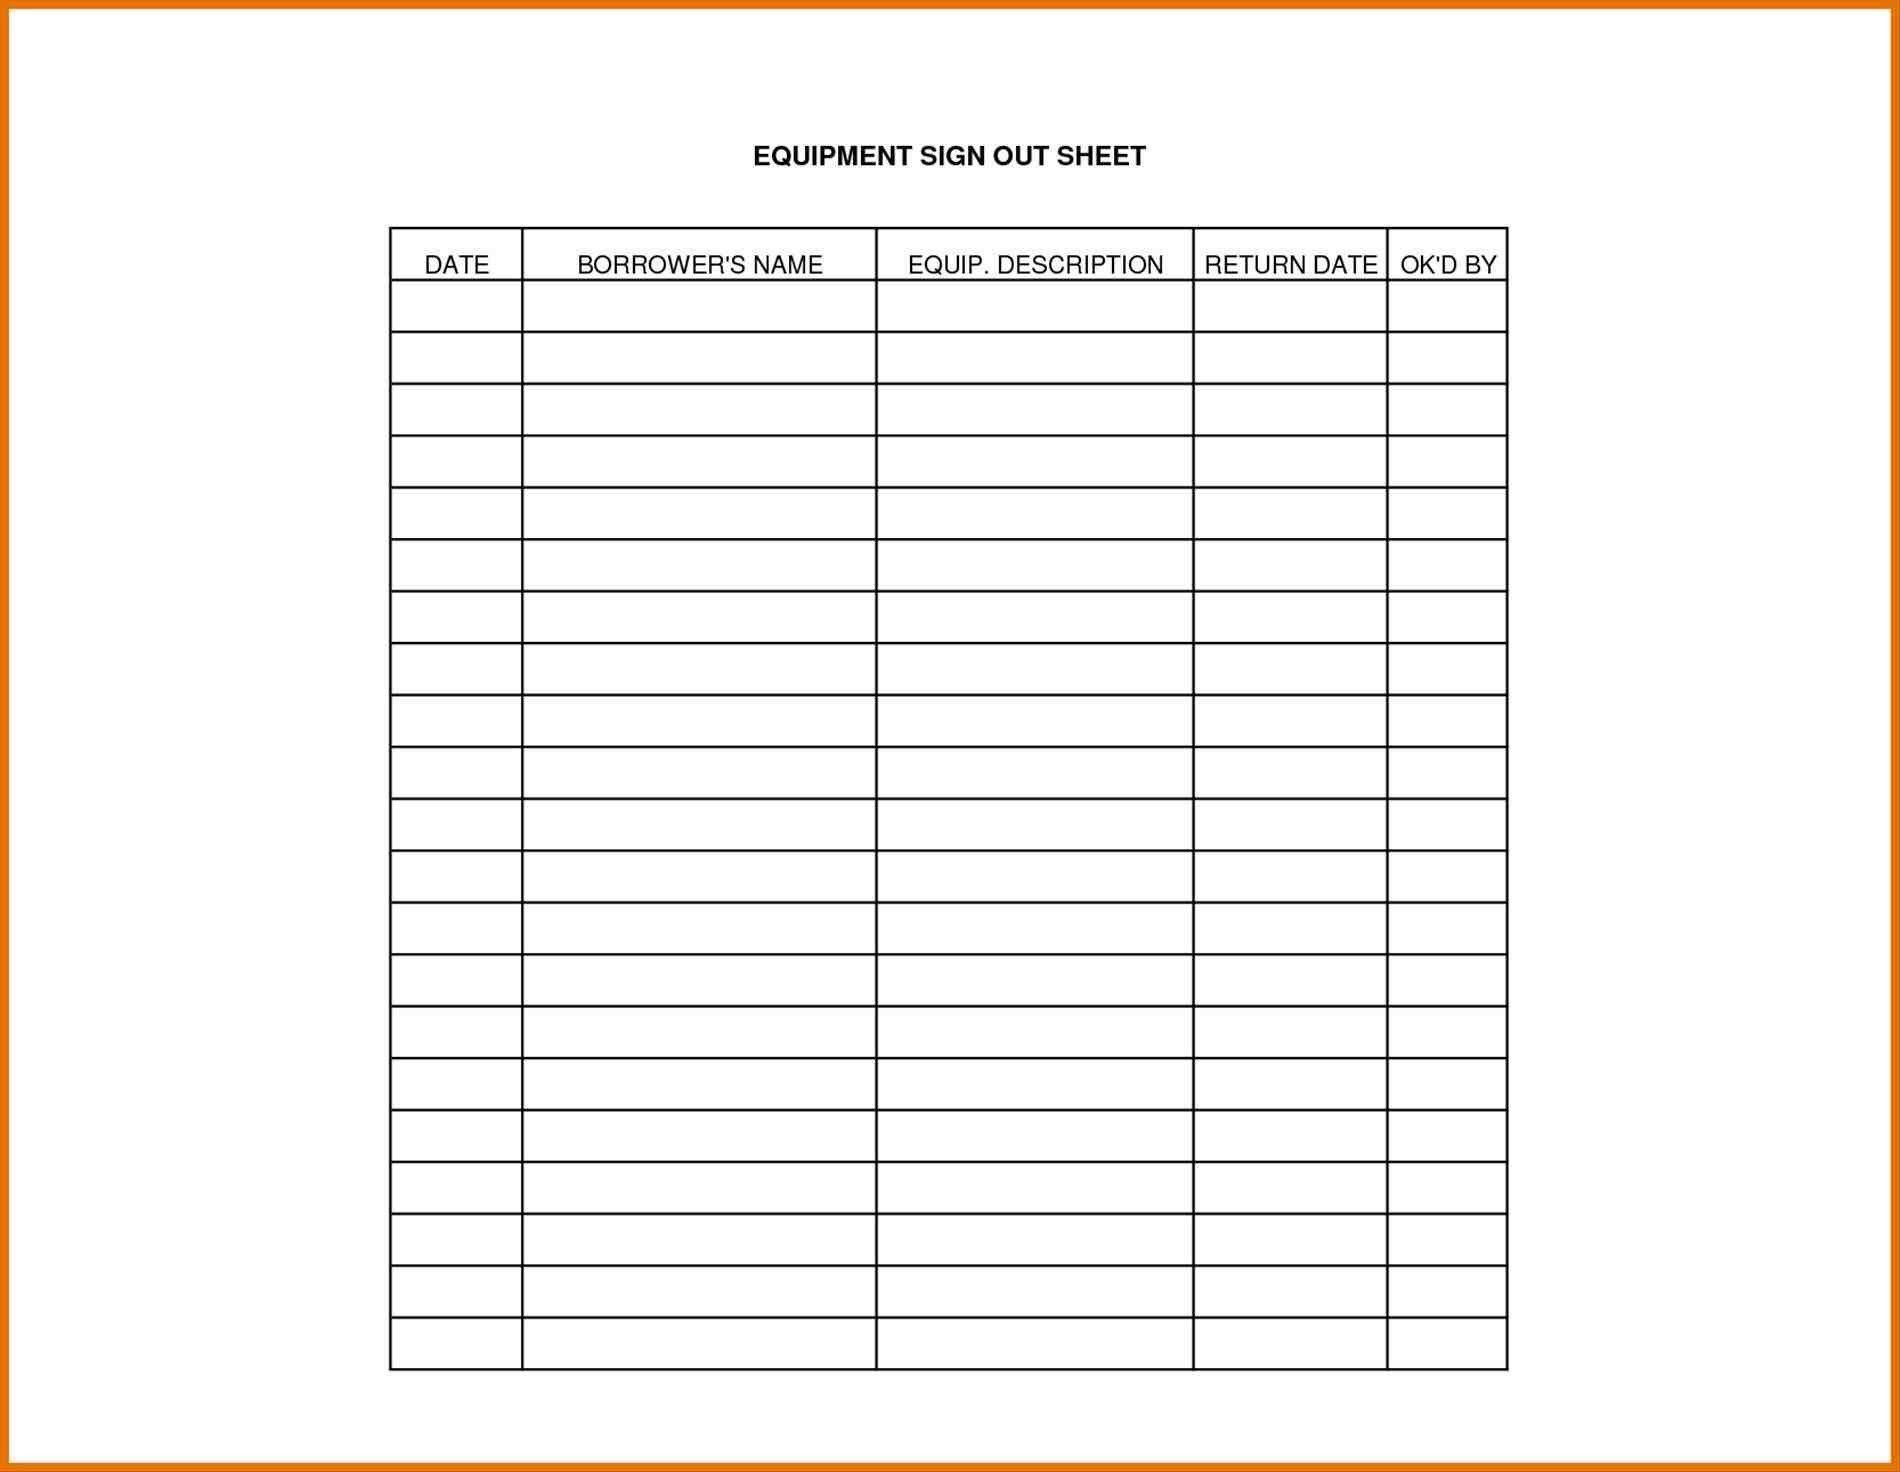 New Sign Out Sheet Template Word Exceltemplate Xls Xlstemplate Xlsformat Excelformat Microsoftexcel Sign Out Sheet Templates Make Business Cards